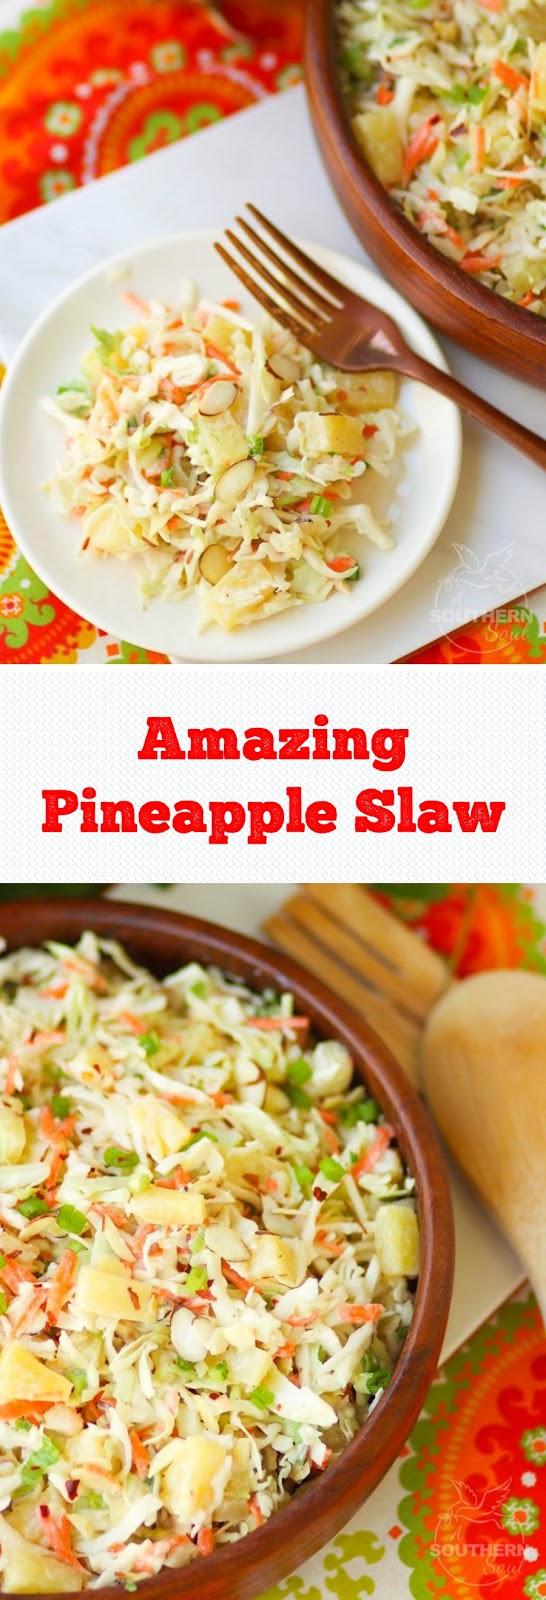 Amazing Pineapple Slaw